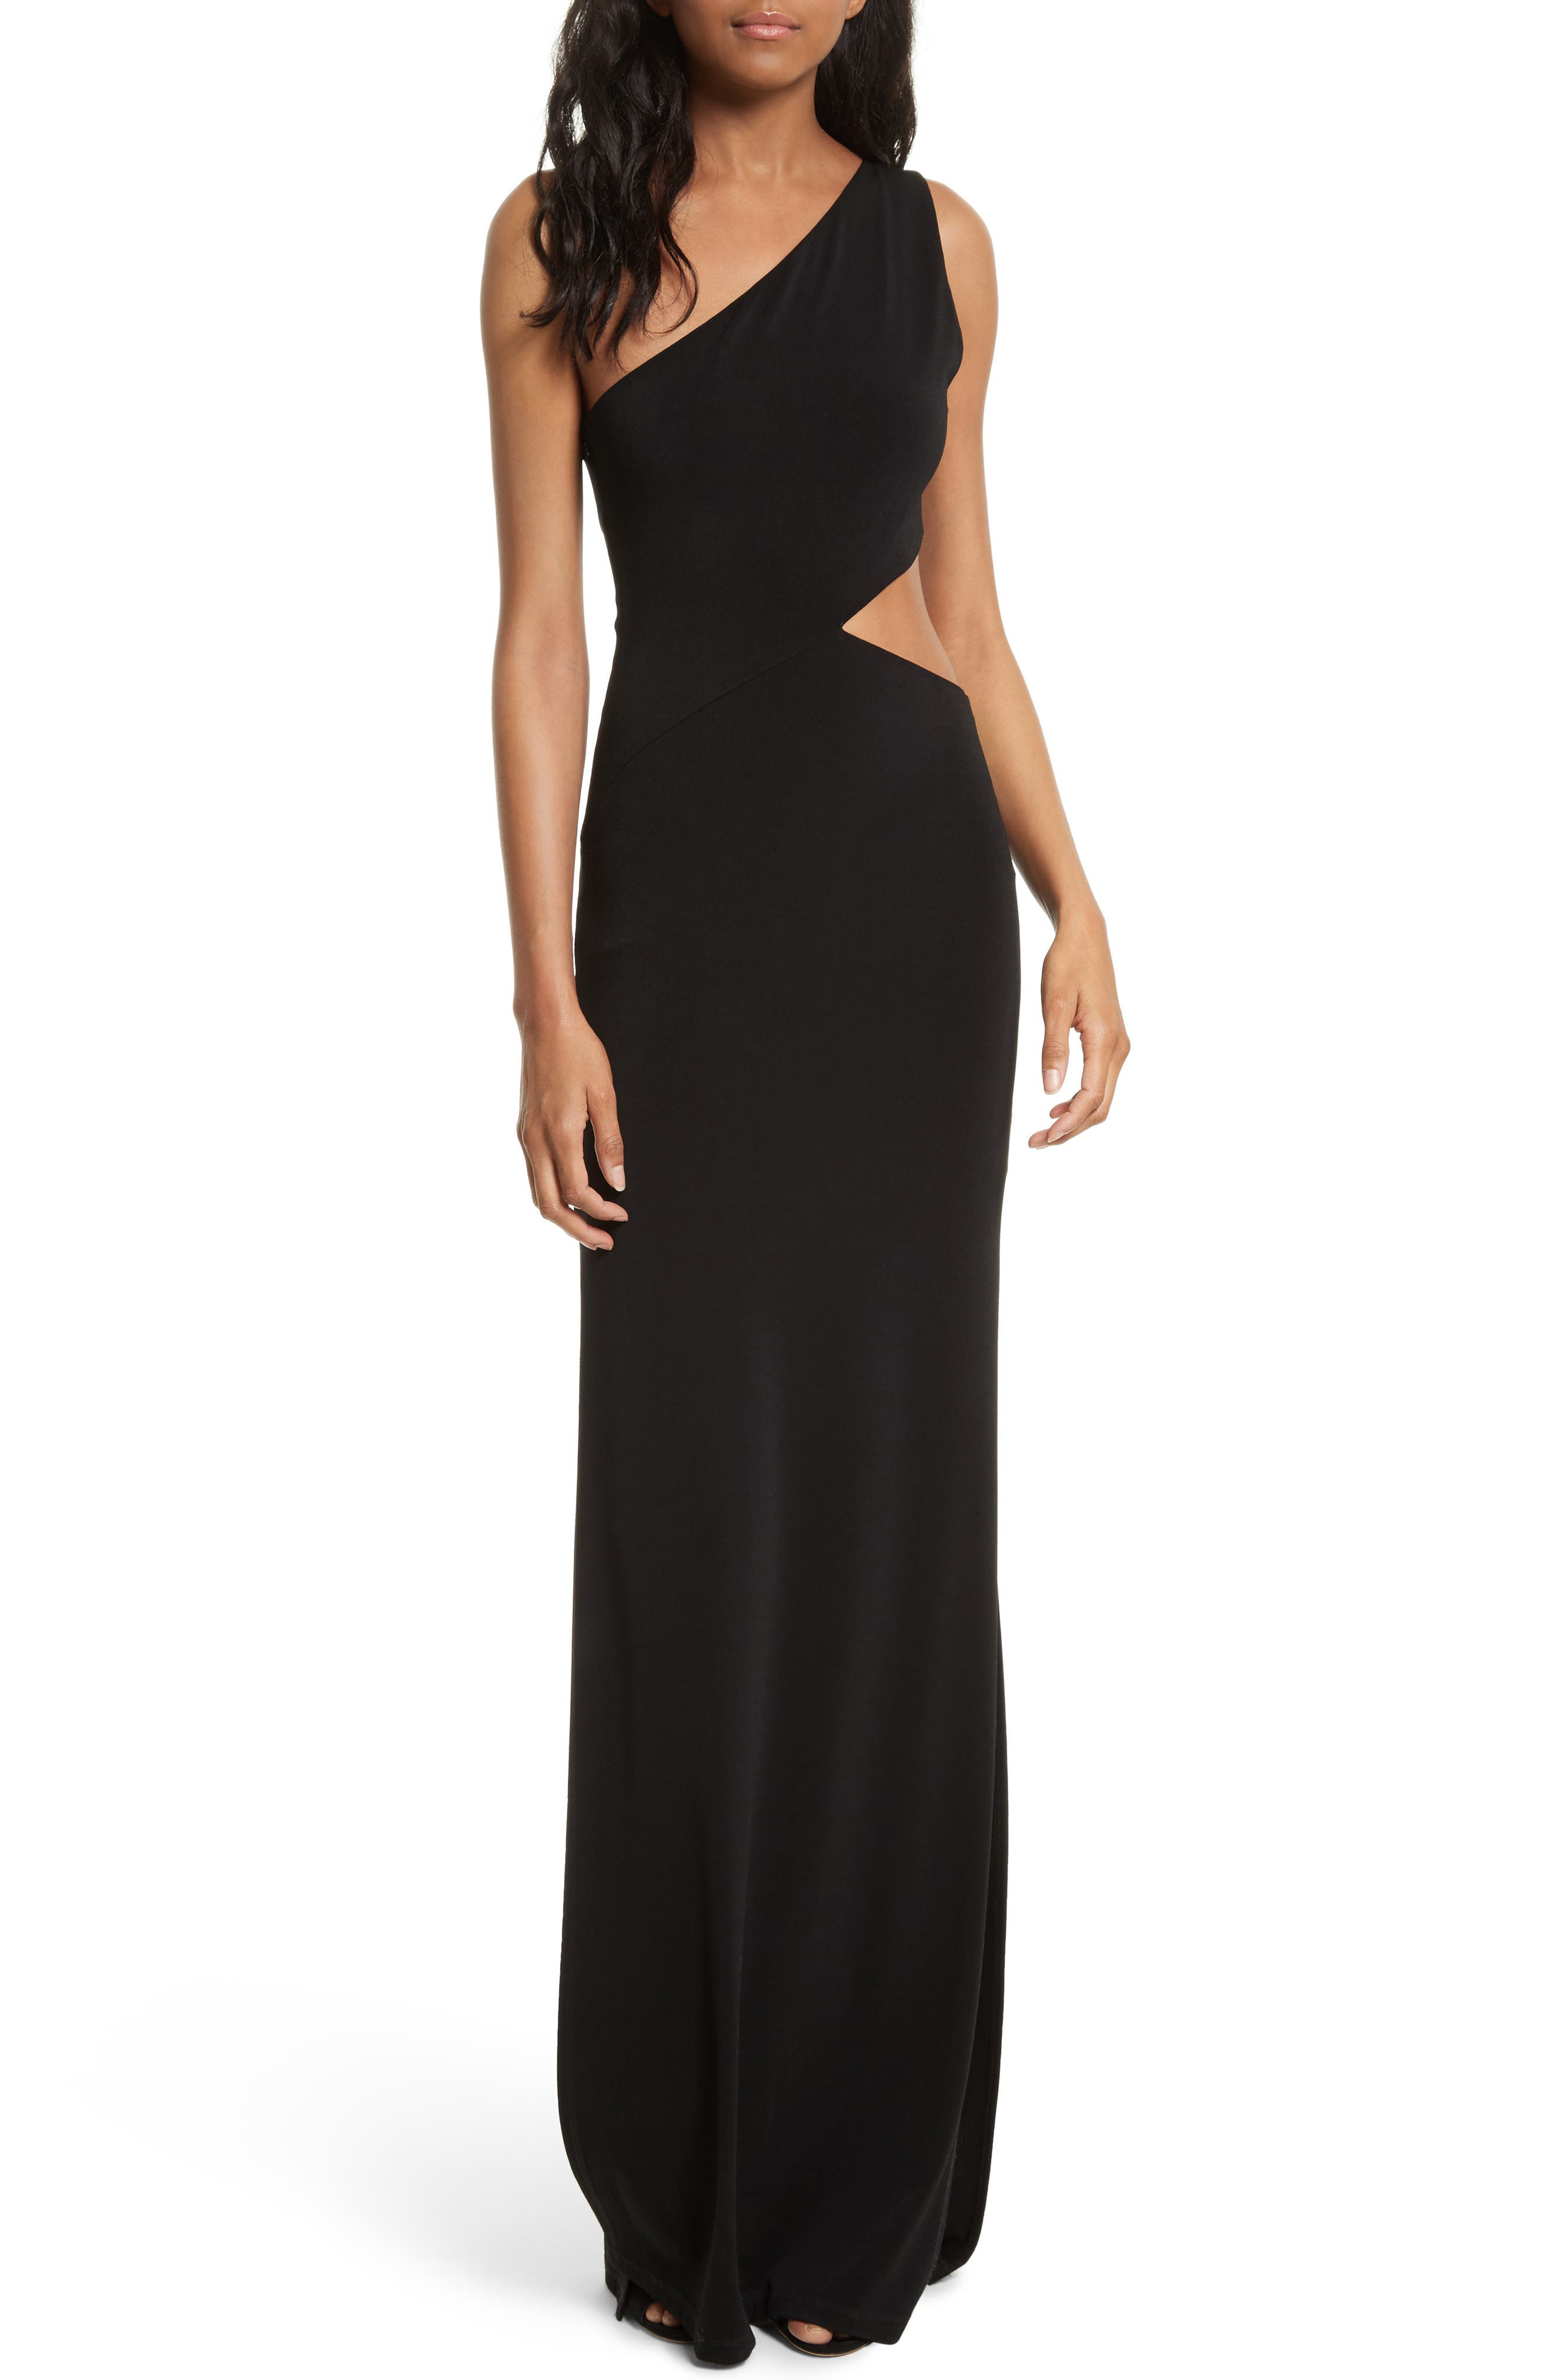 Main Image - Alice + Olivia Malia Cutout One-Shoulder Maxi Dress